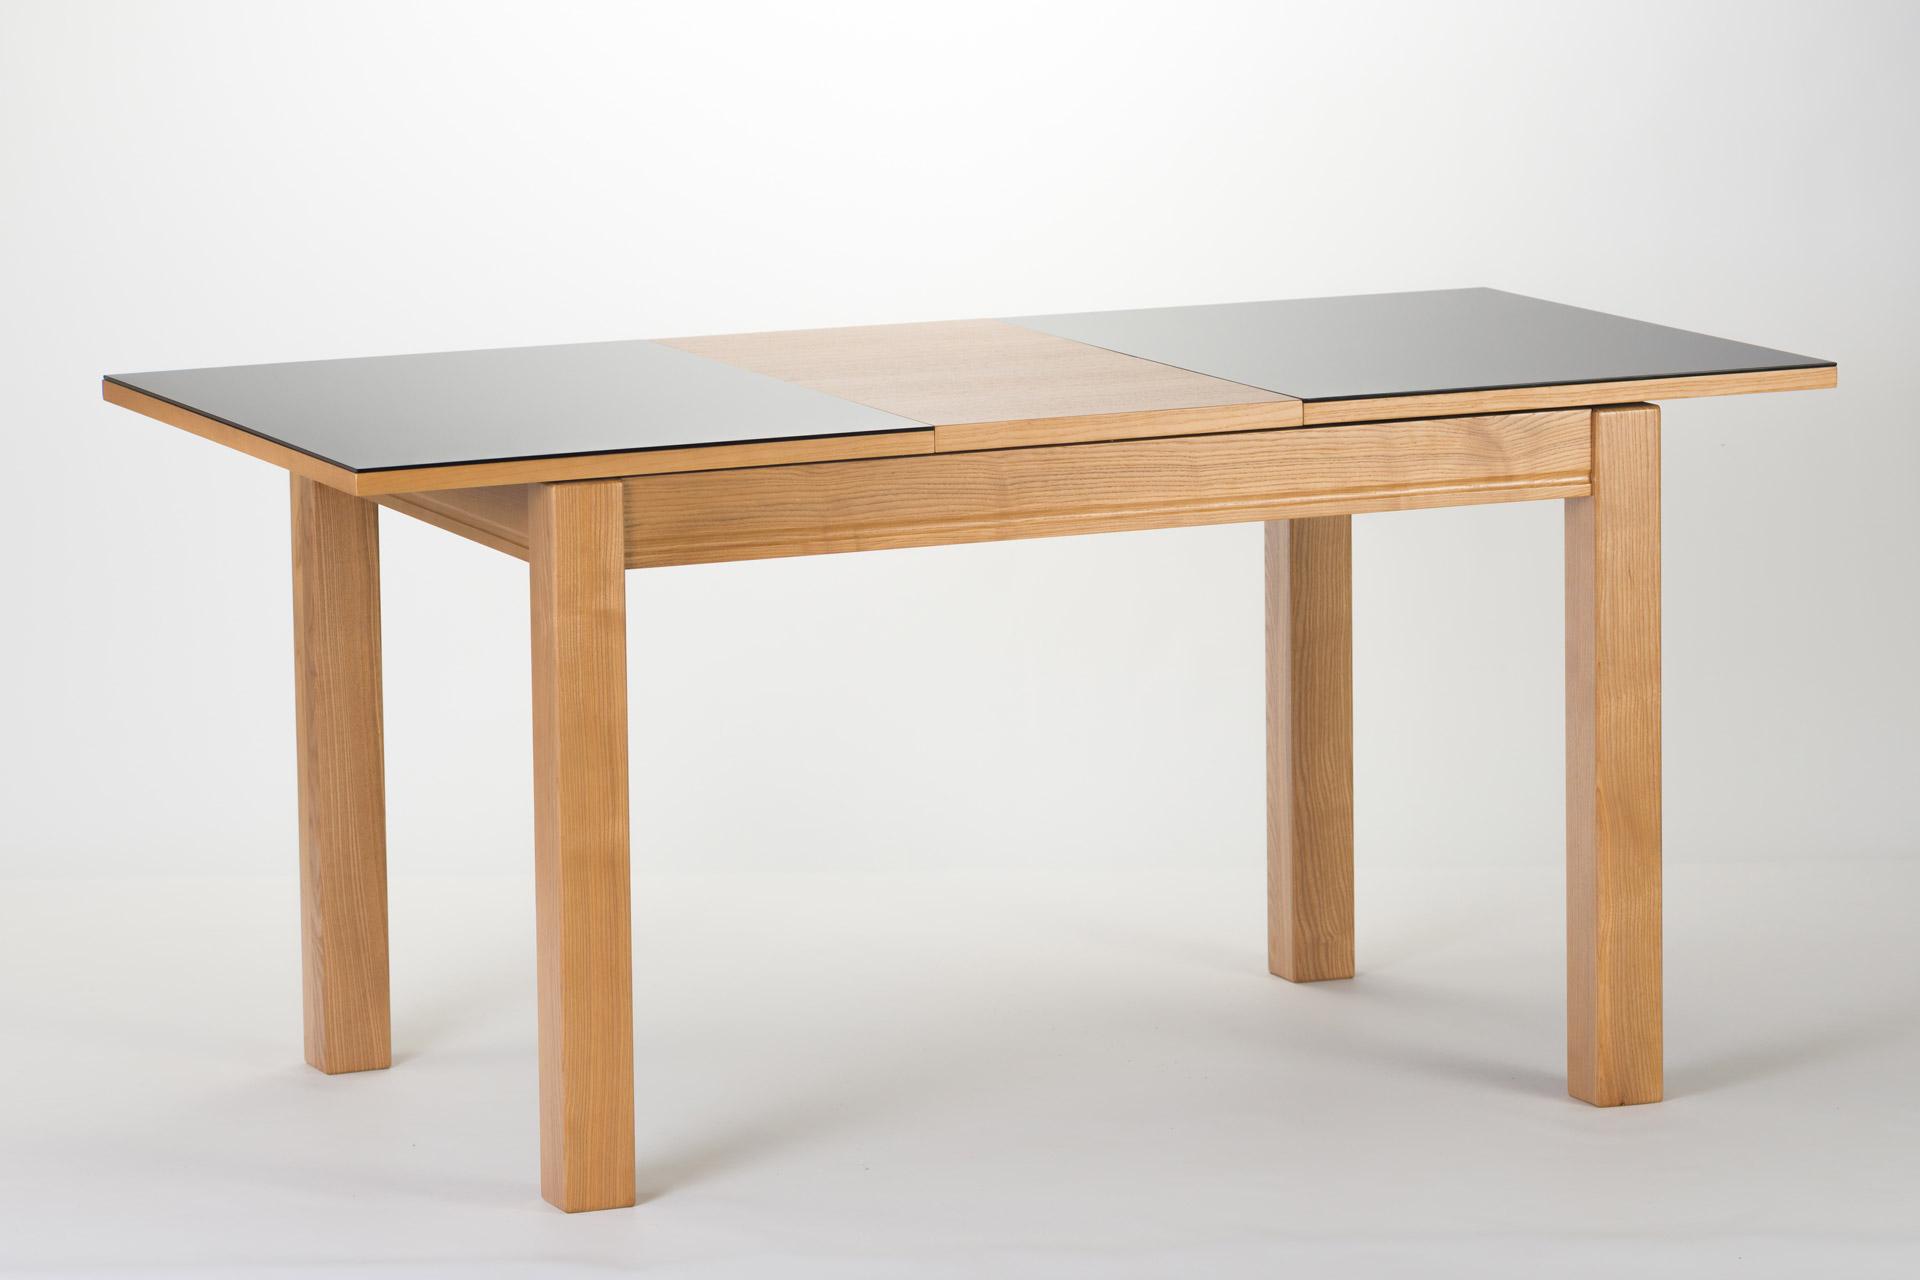 """Раскладной прямоугольный стол """"Неаполь"""" черная стеклянная столешница, цвет стекла 9005, столешница с механизмом раскладки. Ножки из твердого дерева тонированы, цвет SE-1403. Разложенный."""